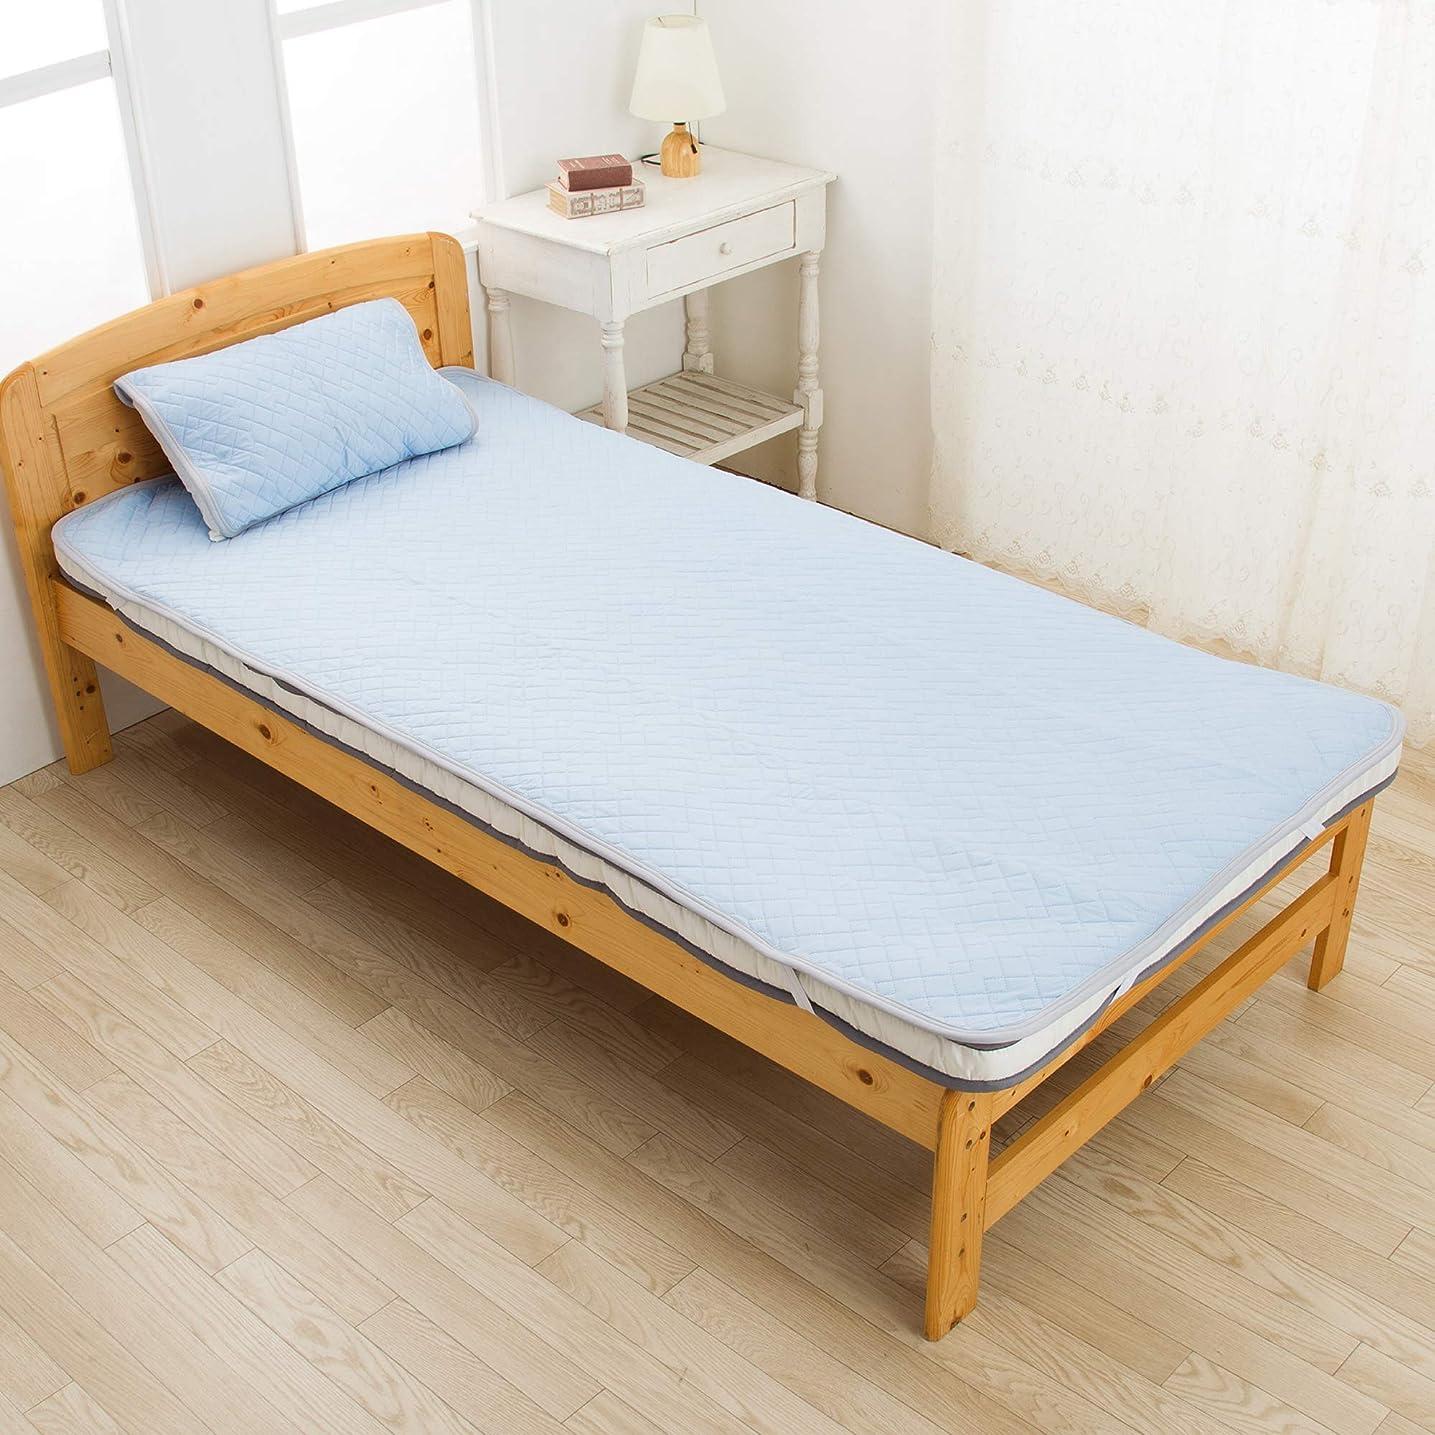 決定否定する約設定東京西川 SEVENDAYS 敷きパッド ブルー シングル 速乾 ダブルメッシュで通気性UP 残暑に PM09001542B